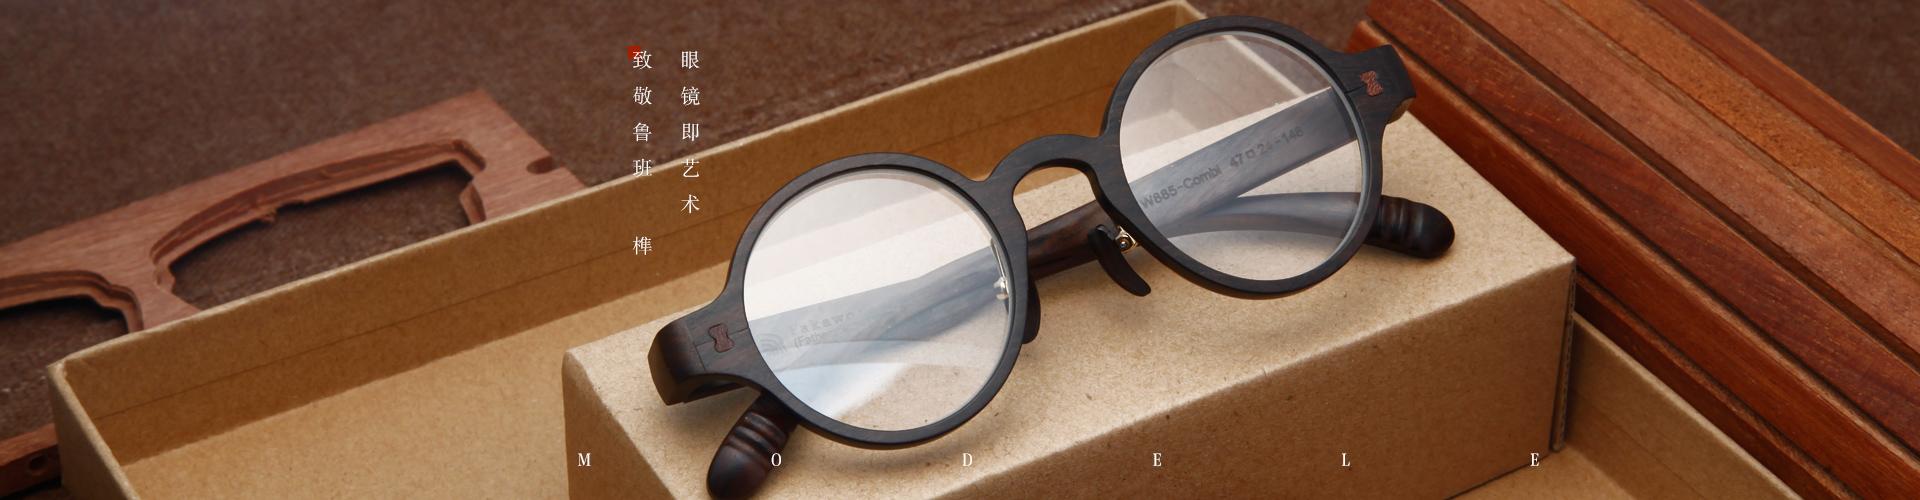 MODELE男女通用眼镜框12291 CB沉贵宝木